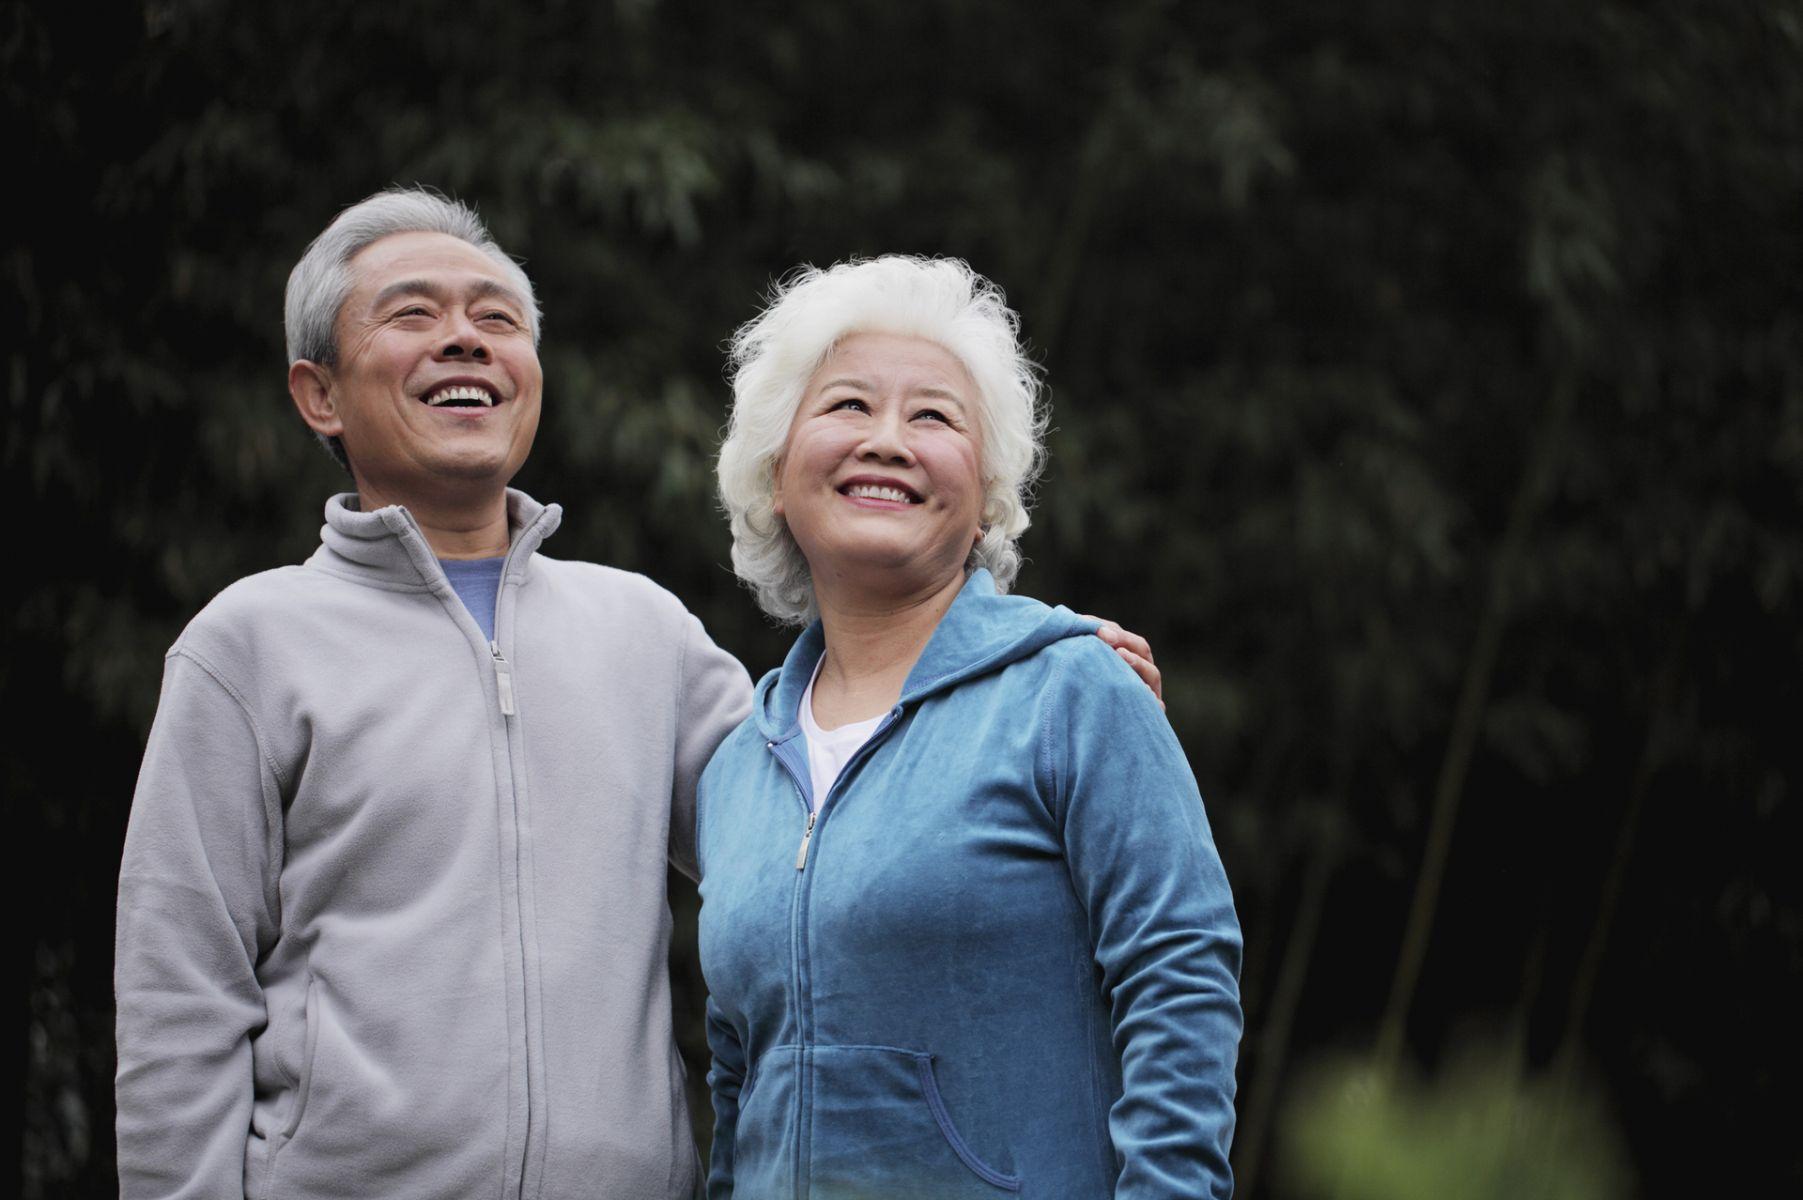 不是老化,而是「陳年」!三大原則,讓你步向「耀眼的70歲」